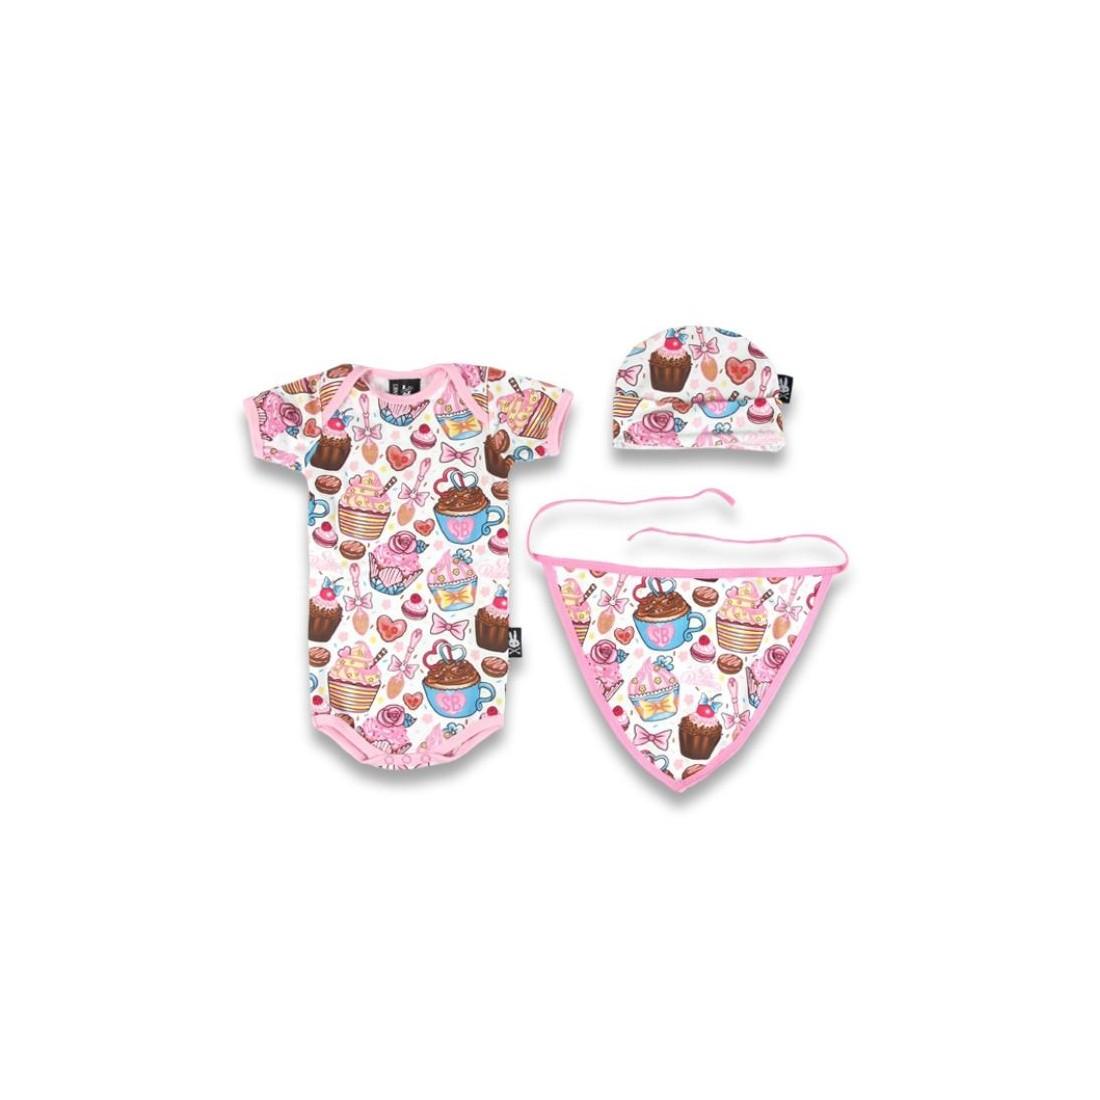 Cadeau de naissance set cupcakes 3 pièces